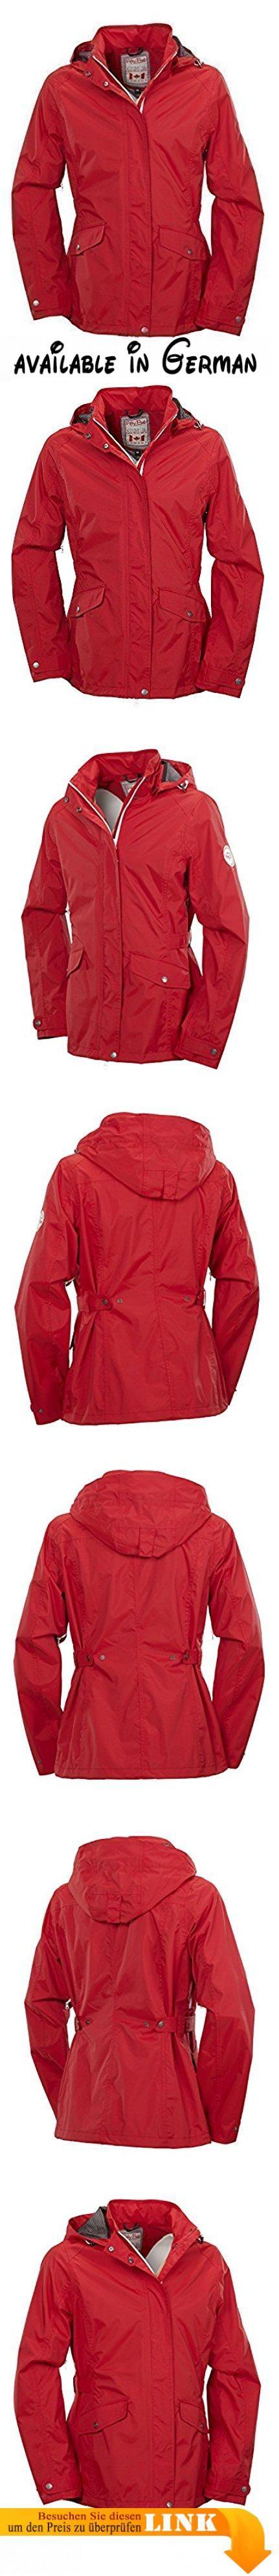 Fifty Five Damen-Freizeit-Regen-Jacke - Killala red 40 - Outdoor-Funktions-Jacken mit FIVE-TEX Membrane / winddicht wasserdicht atmungsaktiv. Vielseitige DAMENJACKE, fast zu schade für Outdoorbekleidung. Mit unserer FIVE-TEX Membrane wird die Jacke winddicht, wasserdicht 10000mm, und atmungsaktiv 6000g/m². Also nicht nur schön, sondern auch funktionell. Die Jacke ist ein absolutes Allroundtalent. Von Regenjacke, Freizeitjacke, Wanderjacke oder als Windbreaker einfach super